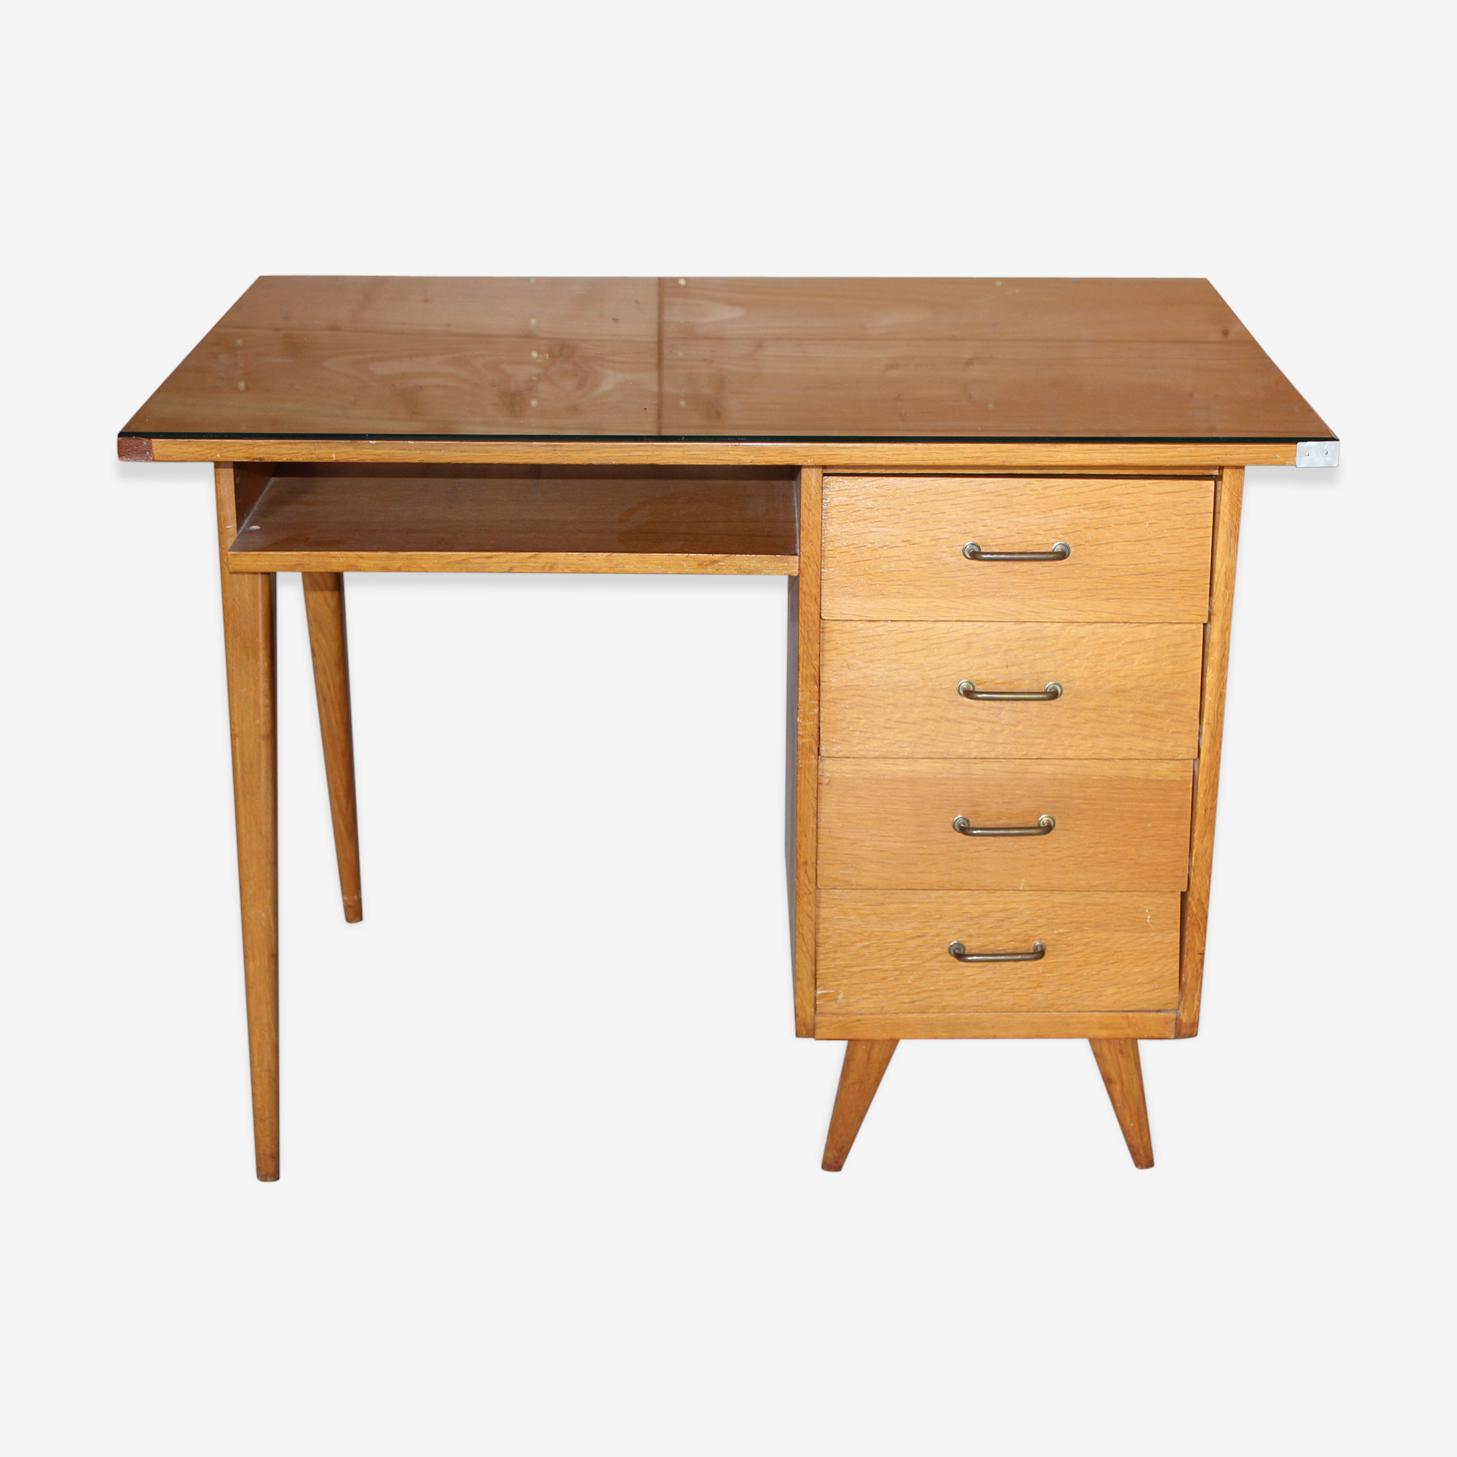 Petit bureau en bois bond 1960 travail français pieds compas